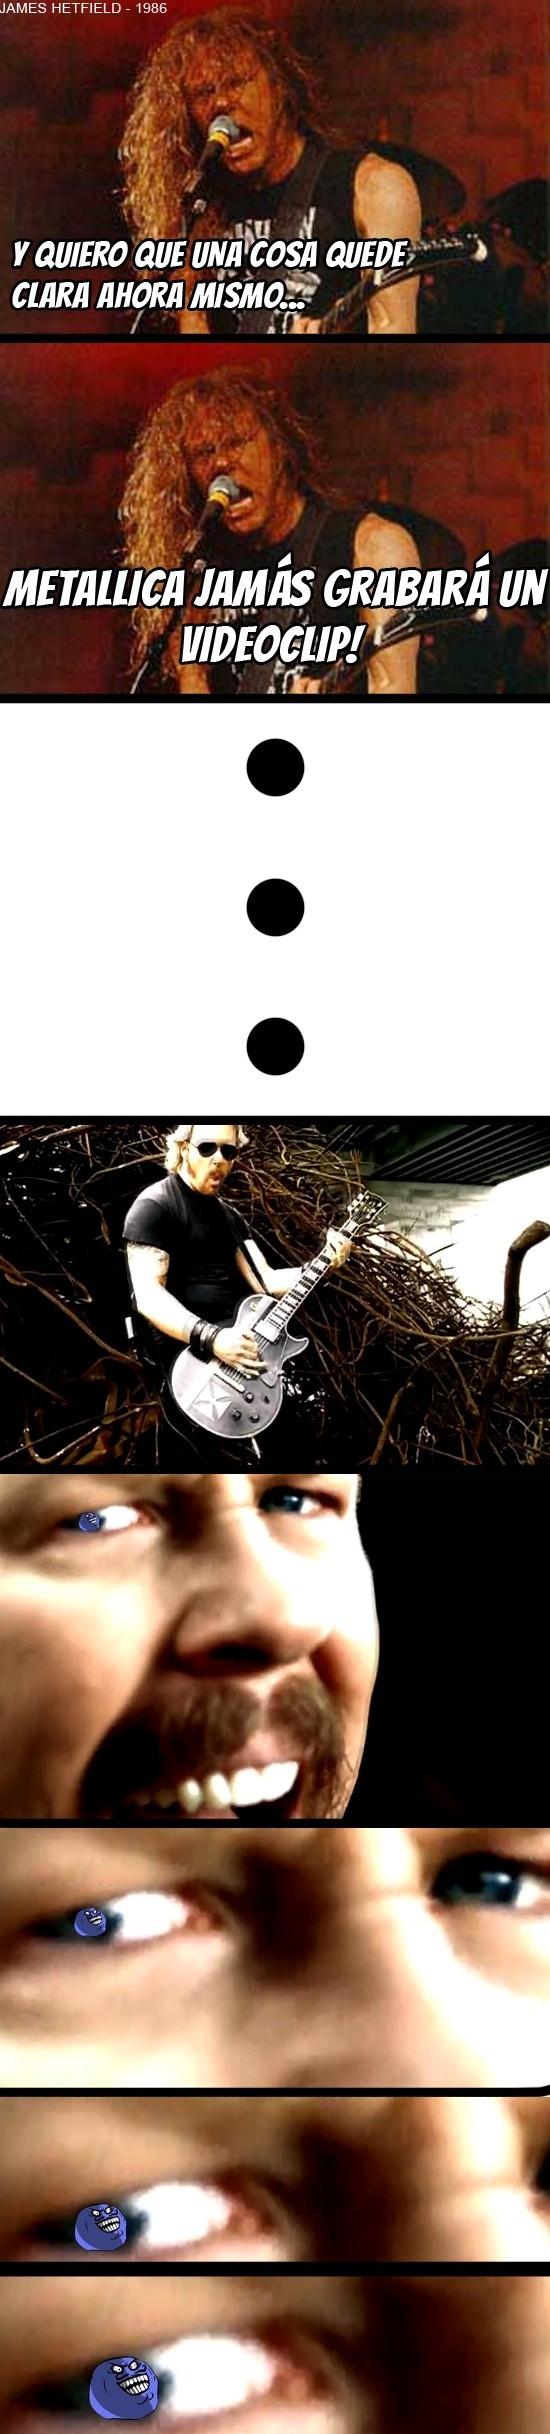 Menti - James Hetfield de Metallica, donde dije digo, digo diego...